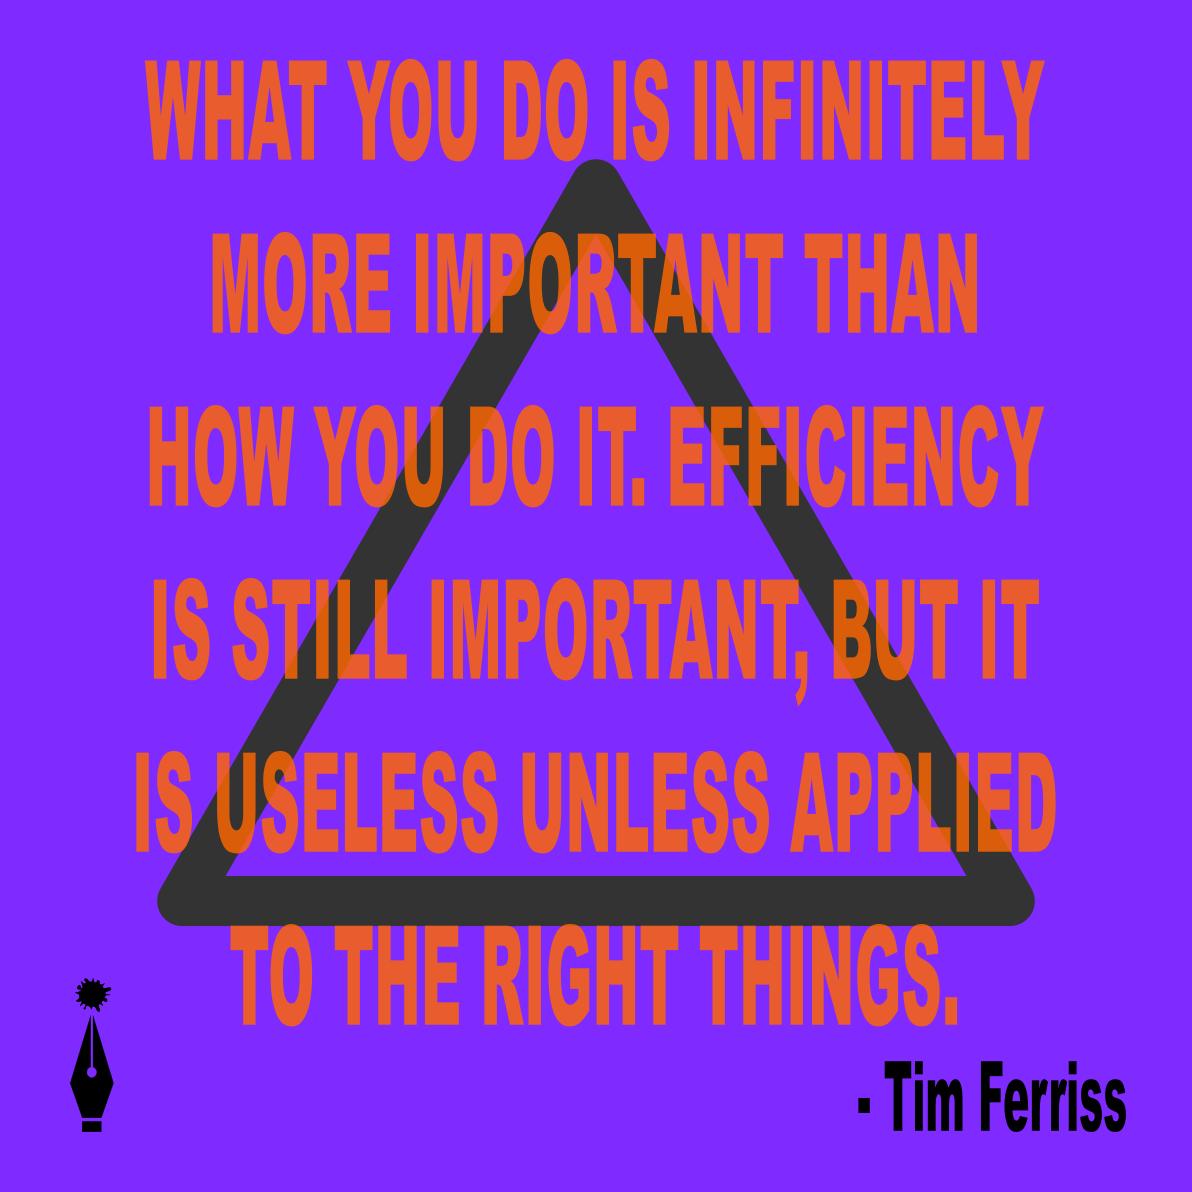 Tim Ferriss quote